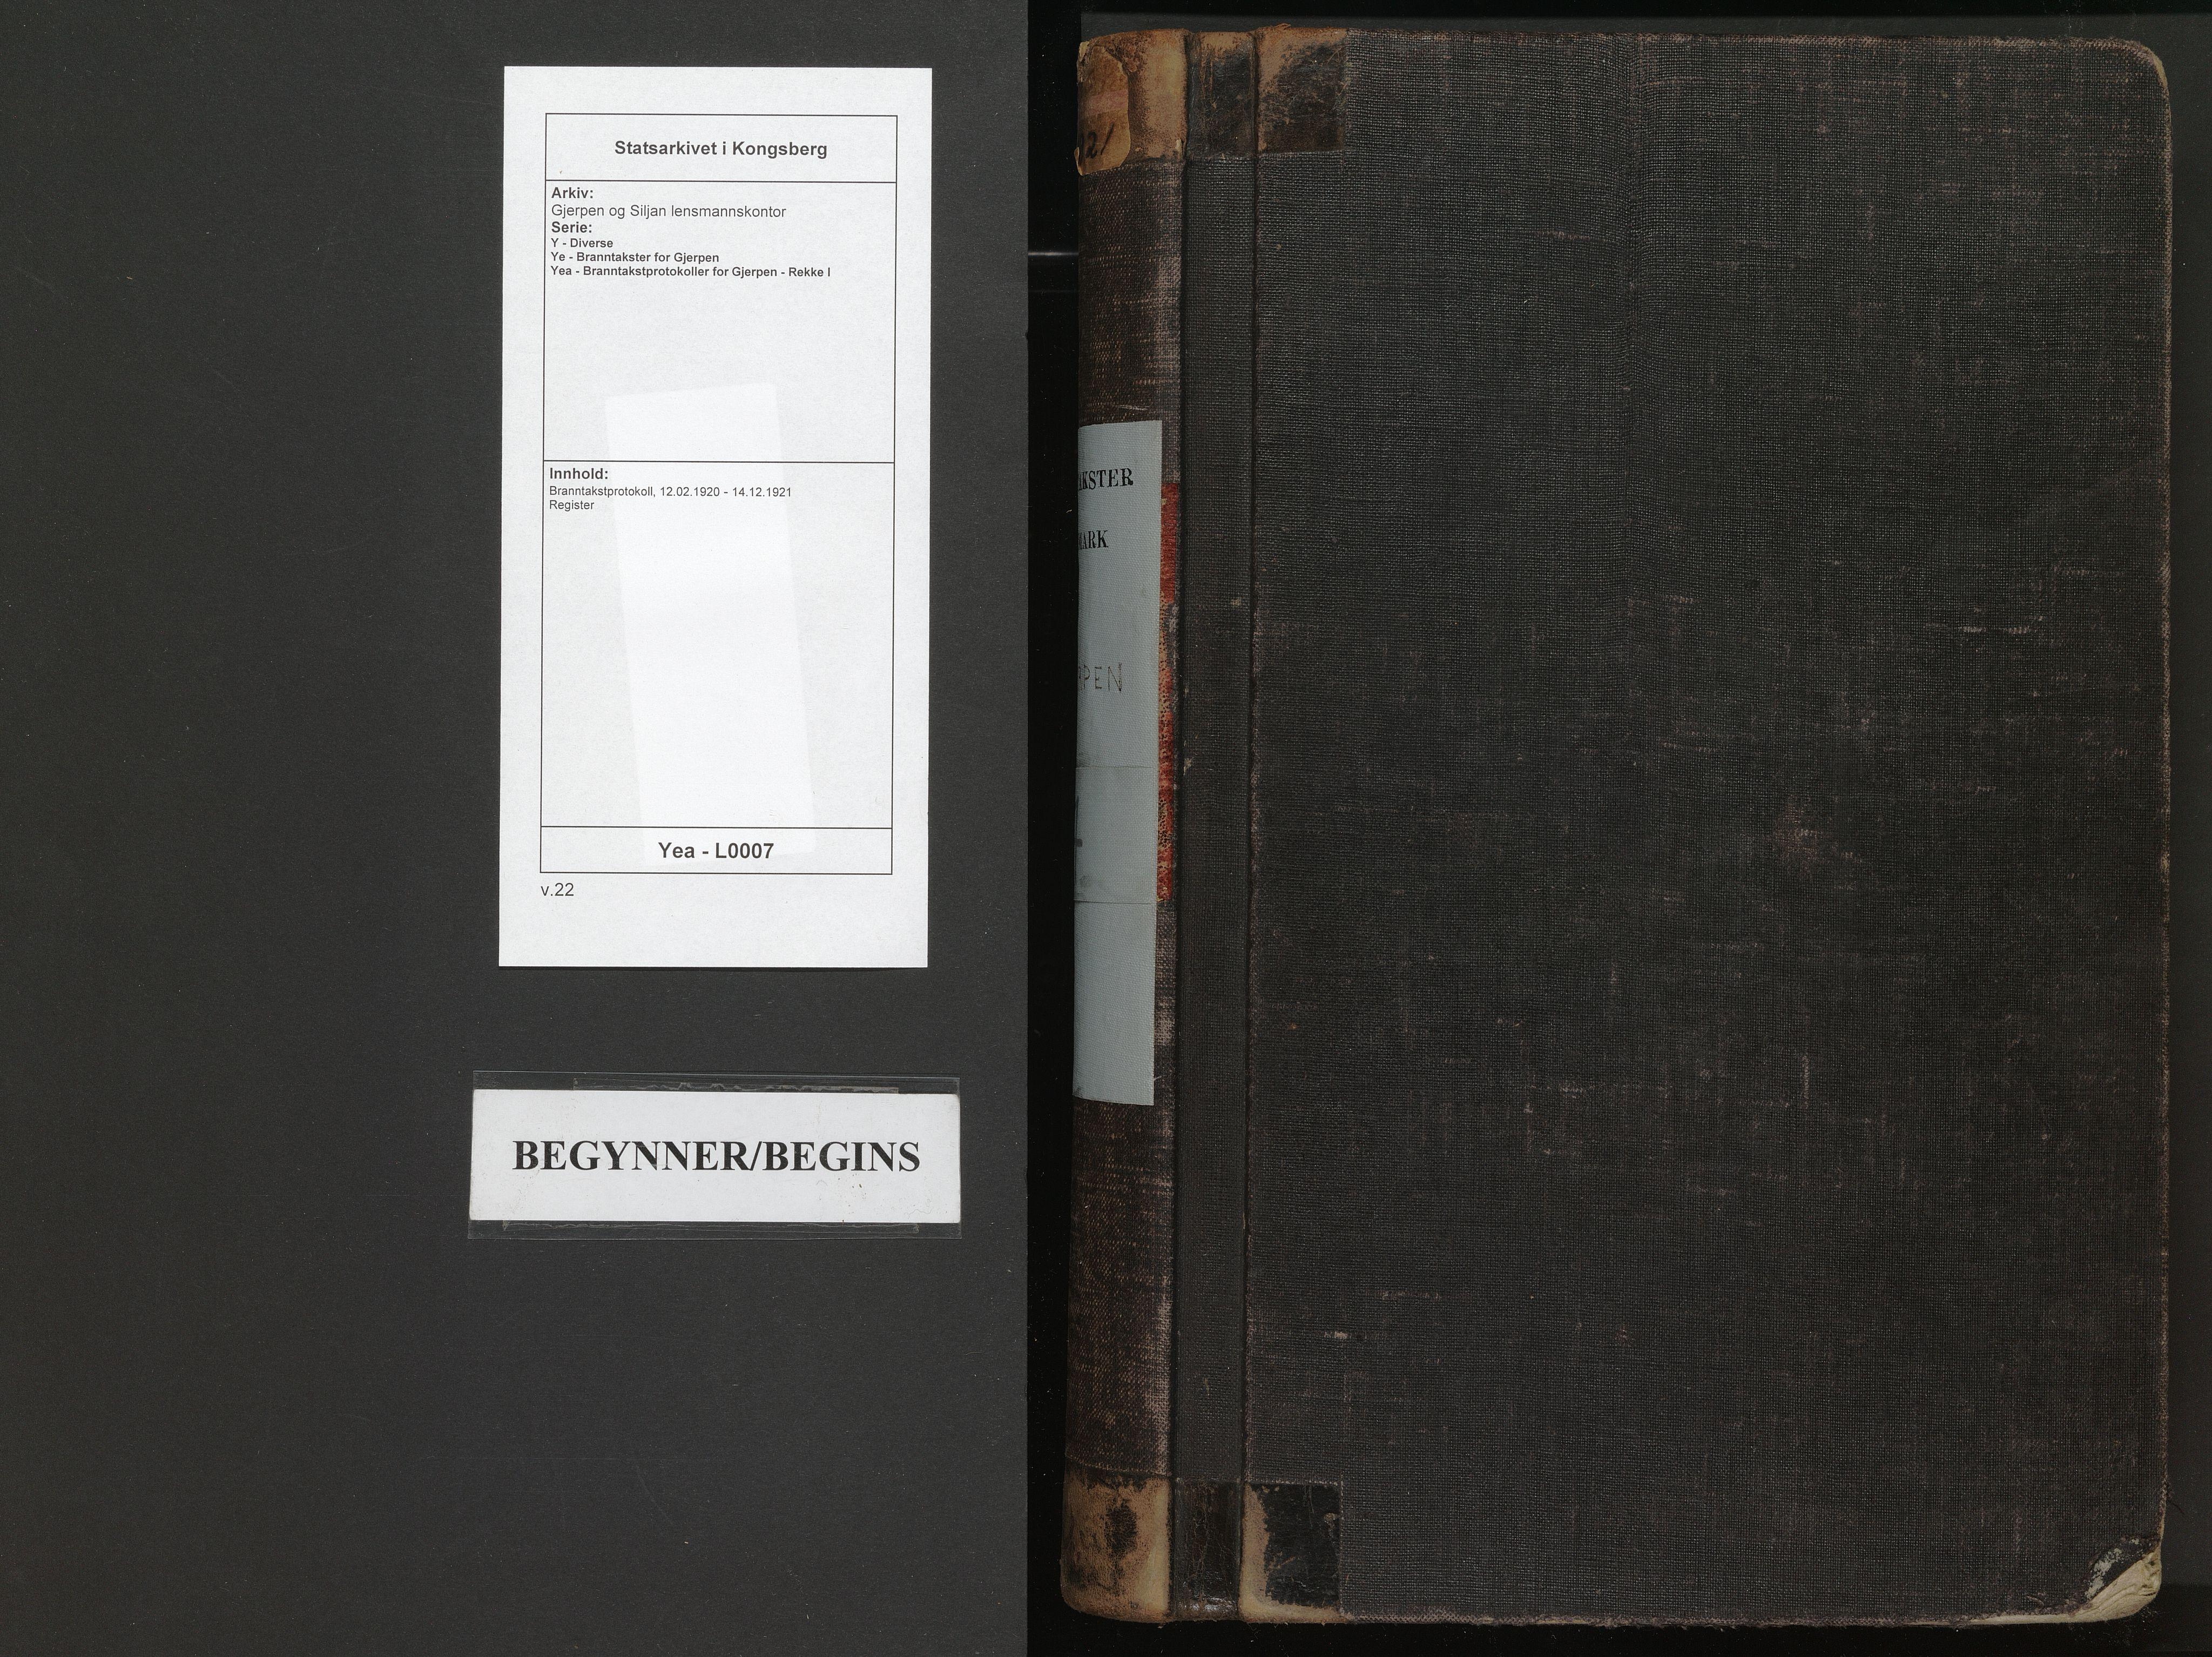 SAKO, Gjerpen og Siljan lensmannskontor, Y/Ye/Yea/L0007: Branntakstprotokoll, 1920-1921